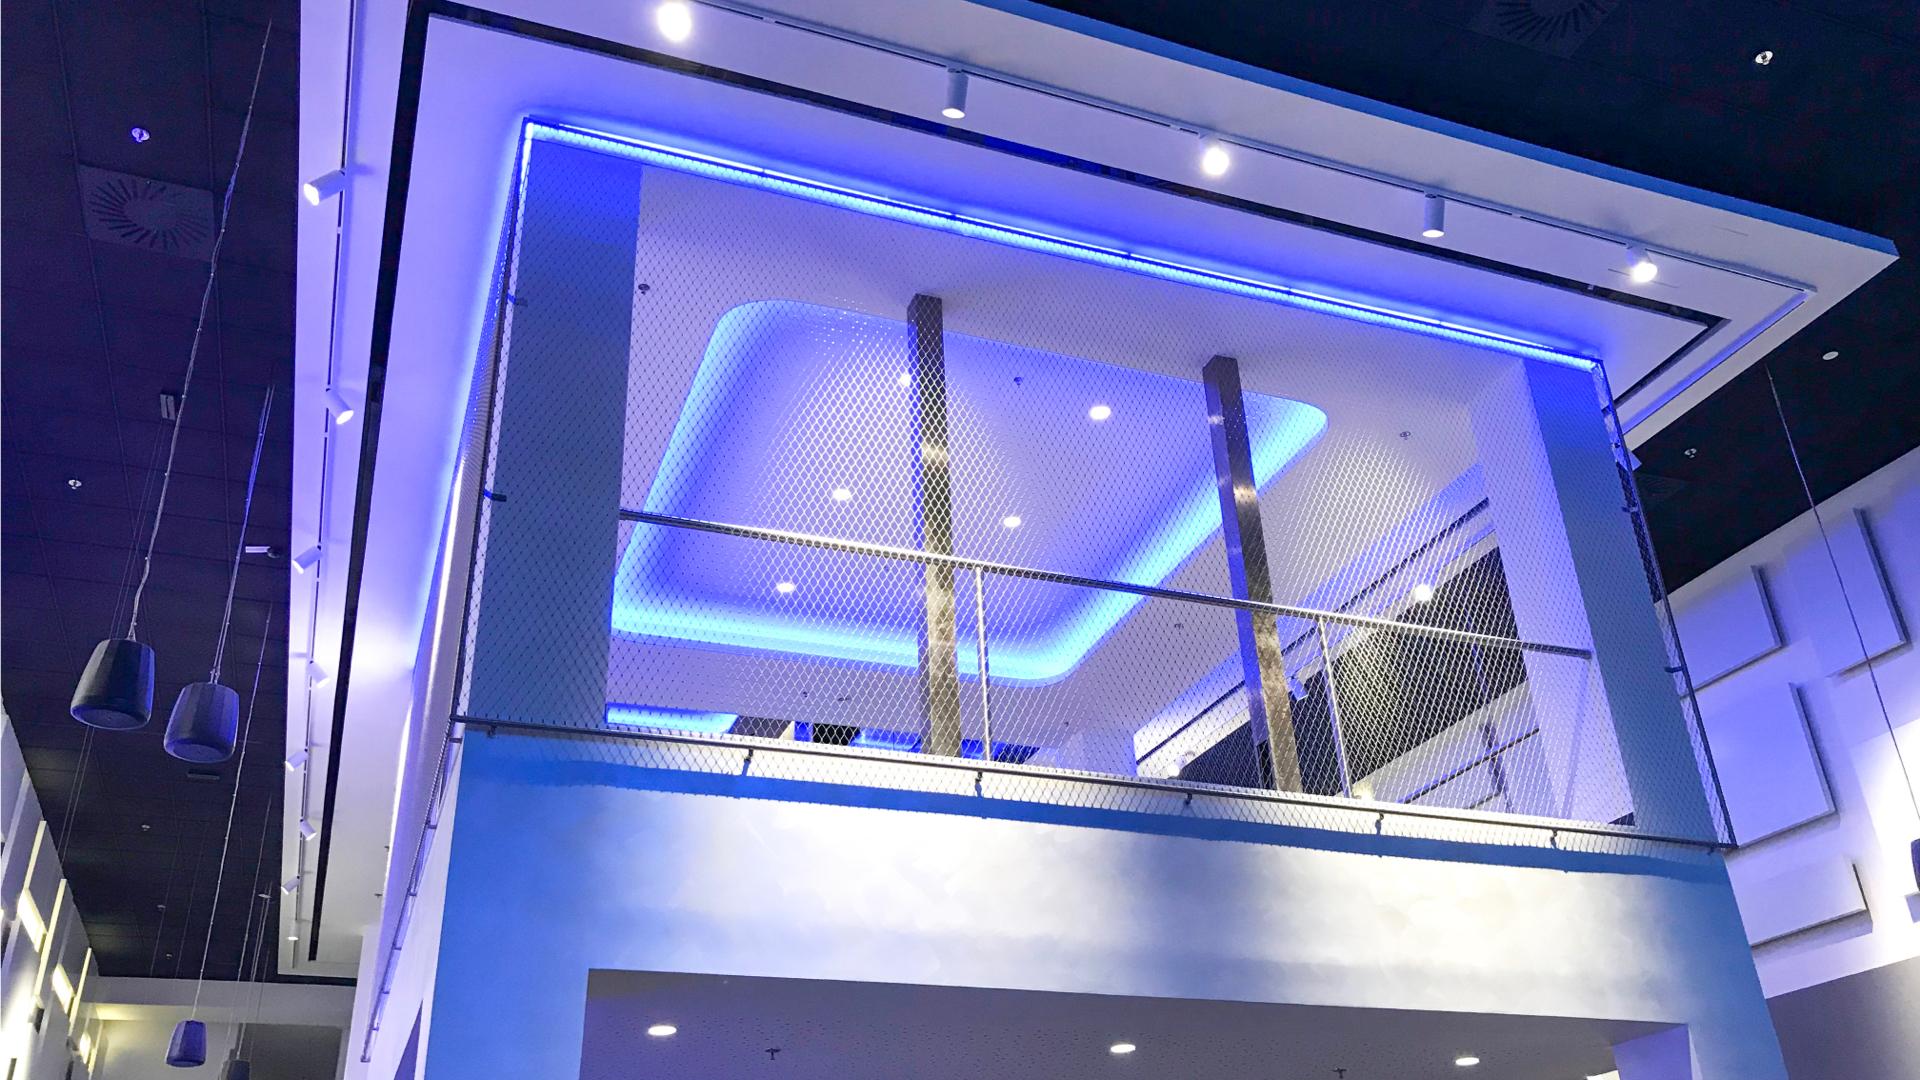 Biały taras w środku kina oświetlony niebieskimi światłami LED